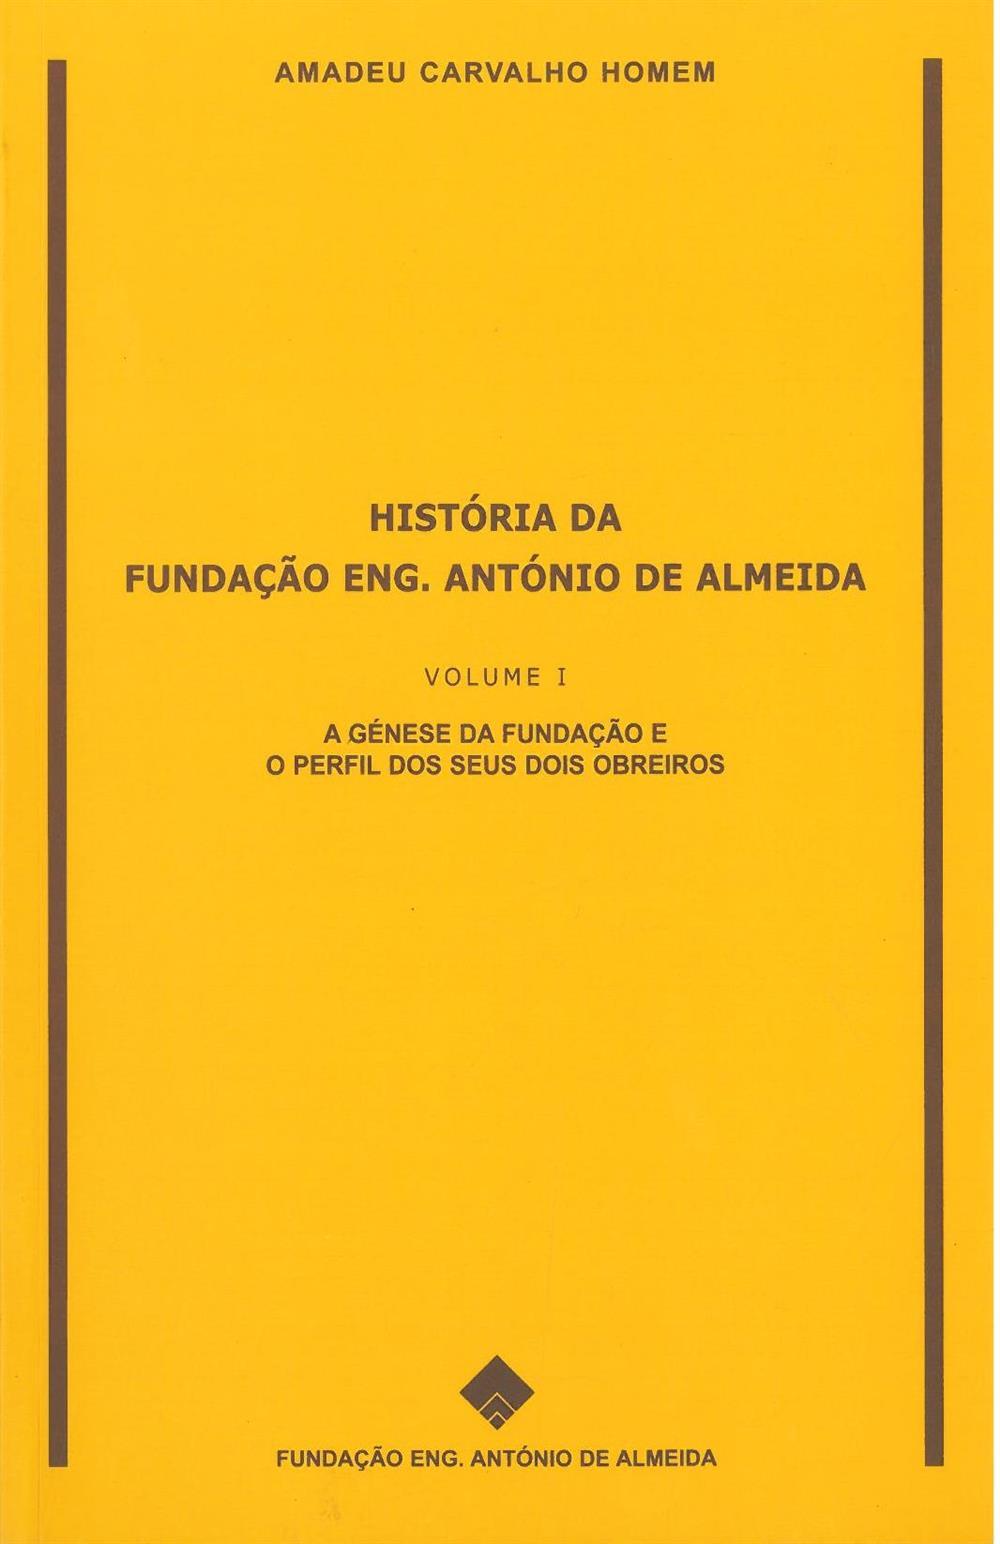 História da Fundação Eng. António de Almeida_.jpg